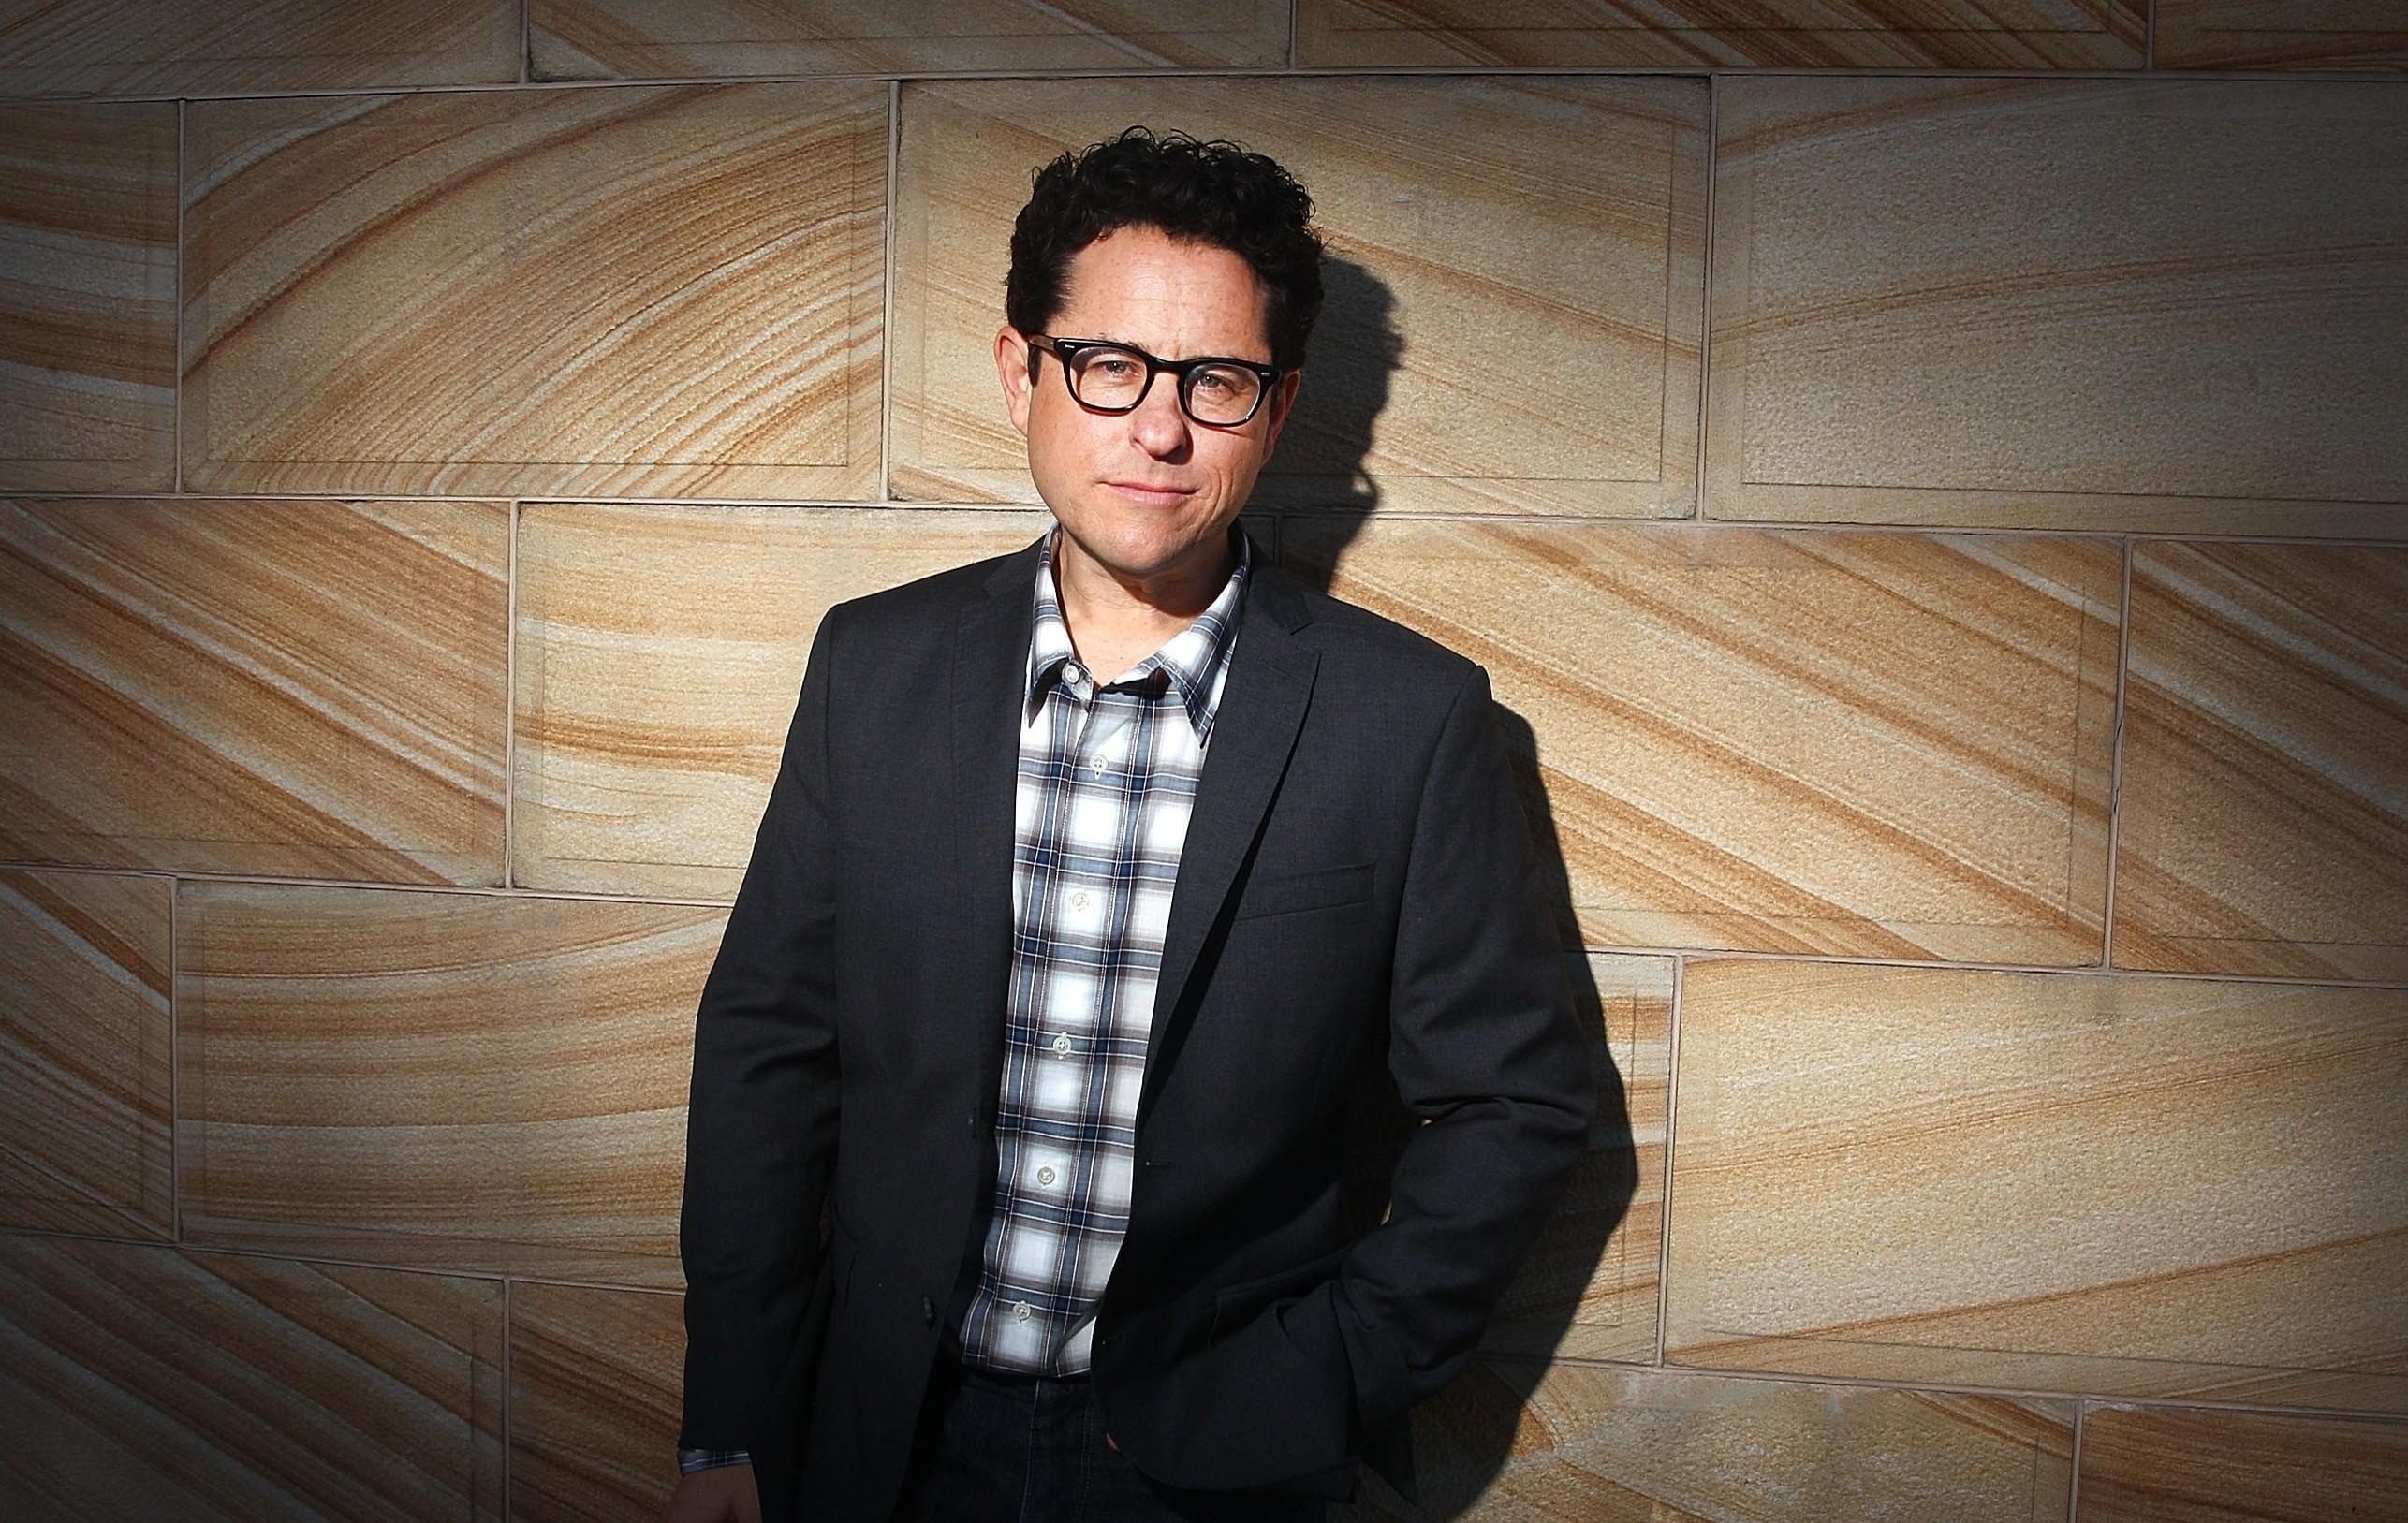 Star Wars Episode 7 director JJ Abrams: I haven't shot a film in digital